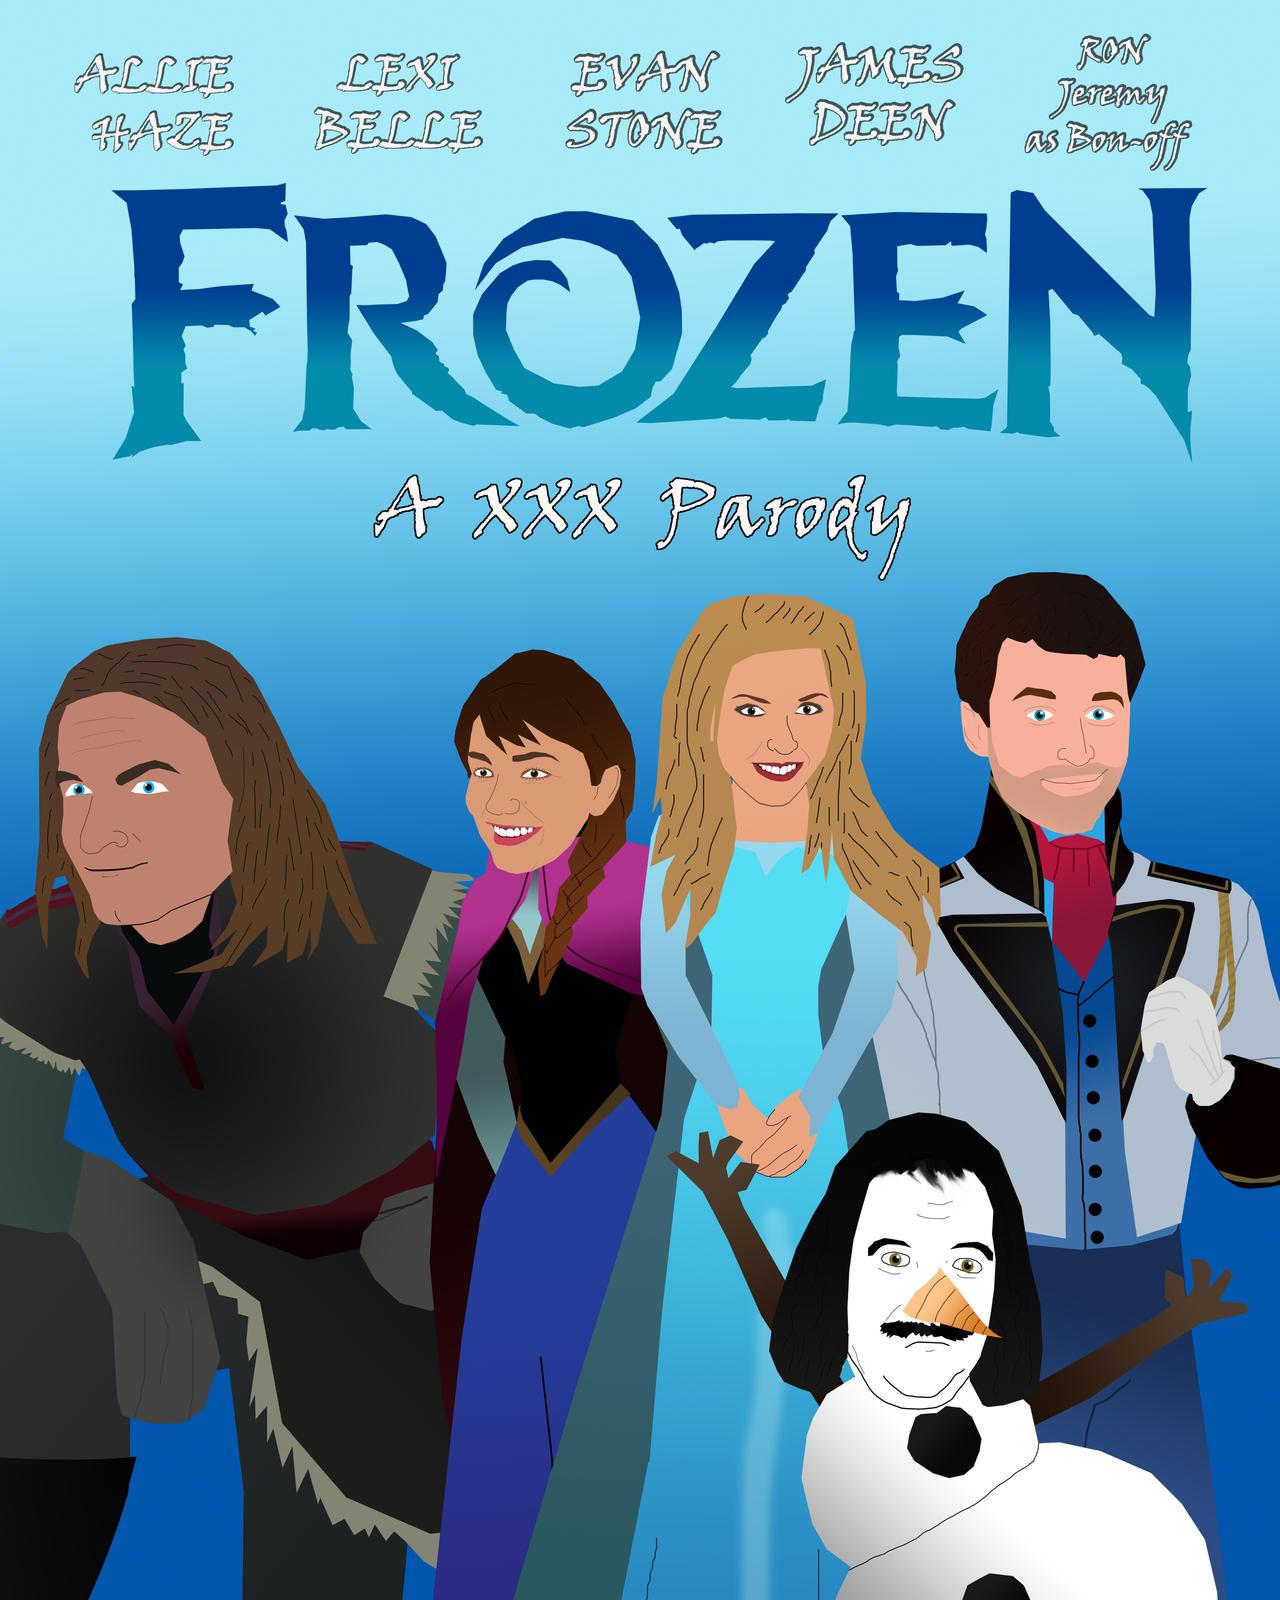 Frozen: A XXX Parody by AndrewSS23 on DeviantArt